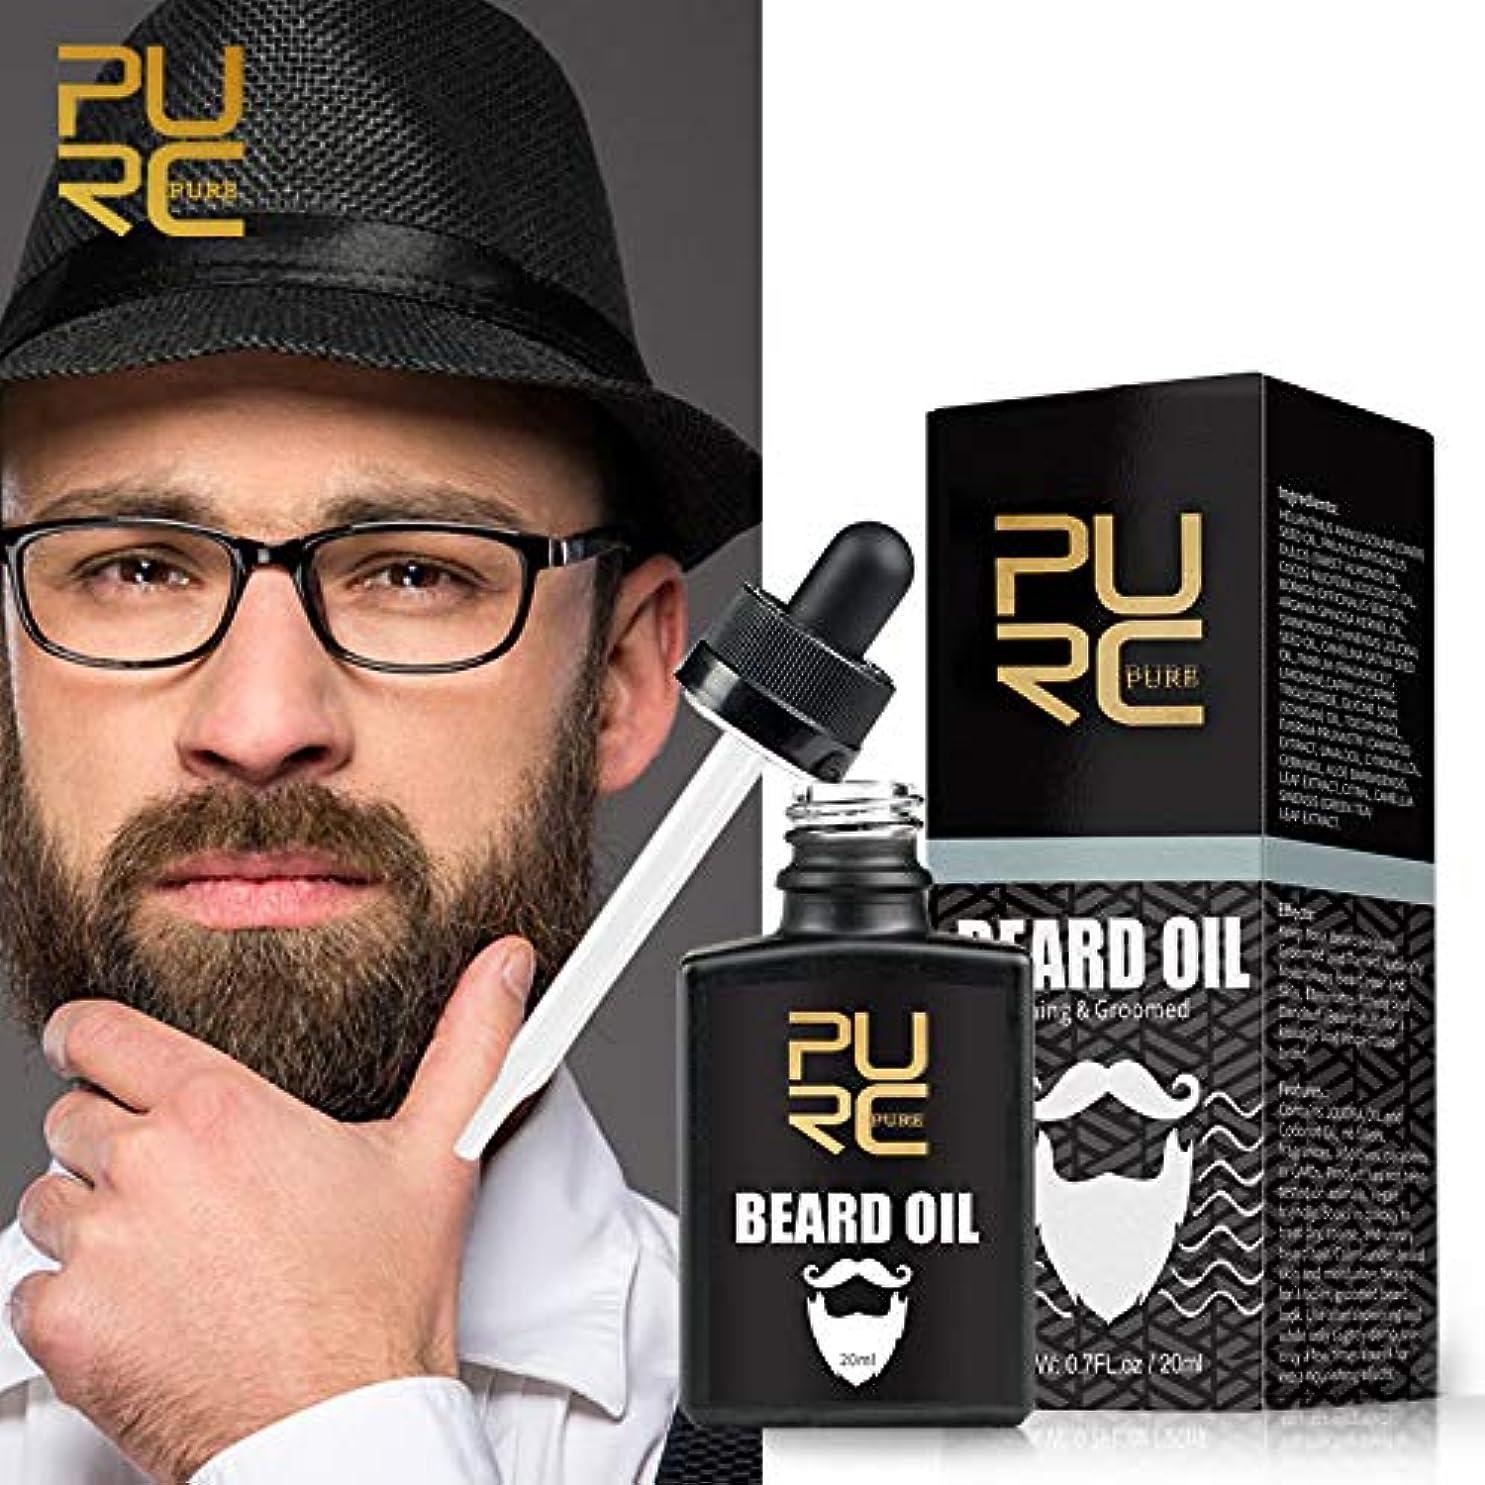 知っているに立ち寄る悪い批判的にPURCビアードオイル栄養と手入れにより、ひげがかゆみとふけ防止のビアードオイルを排除 PURC Beard Oil Nourishing & Groomed Moisturizes Beard Eliminates Itching and Anti-Dandruff Beard Oil